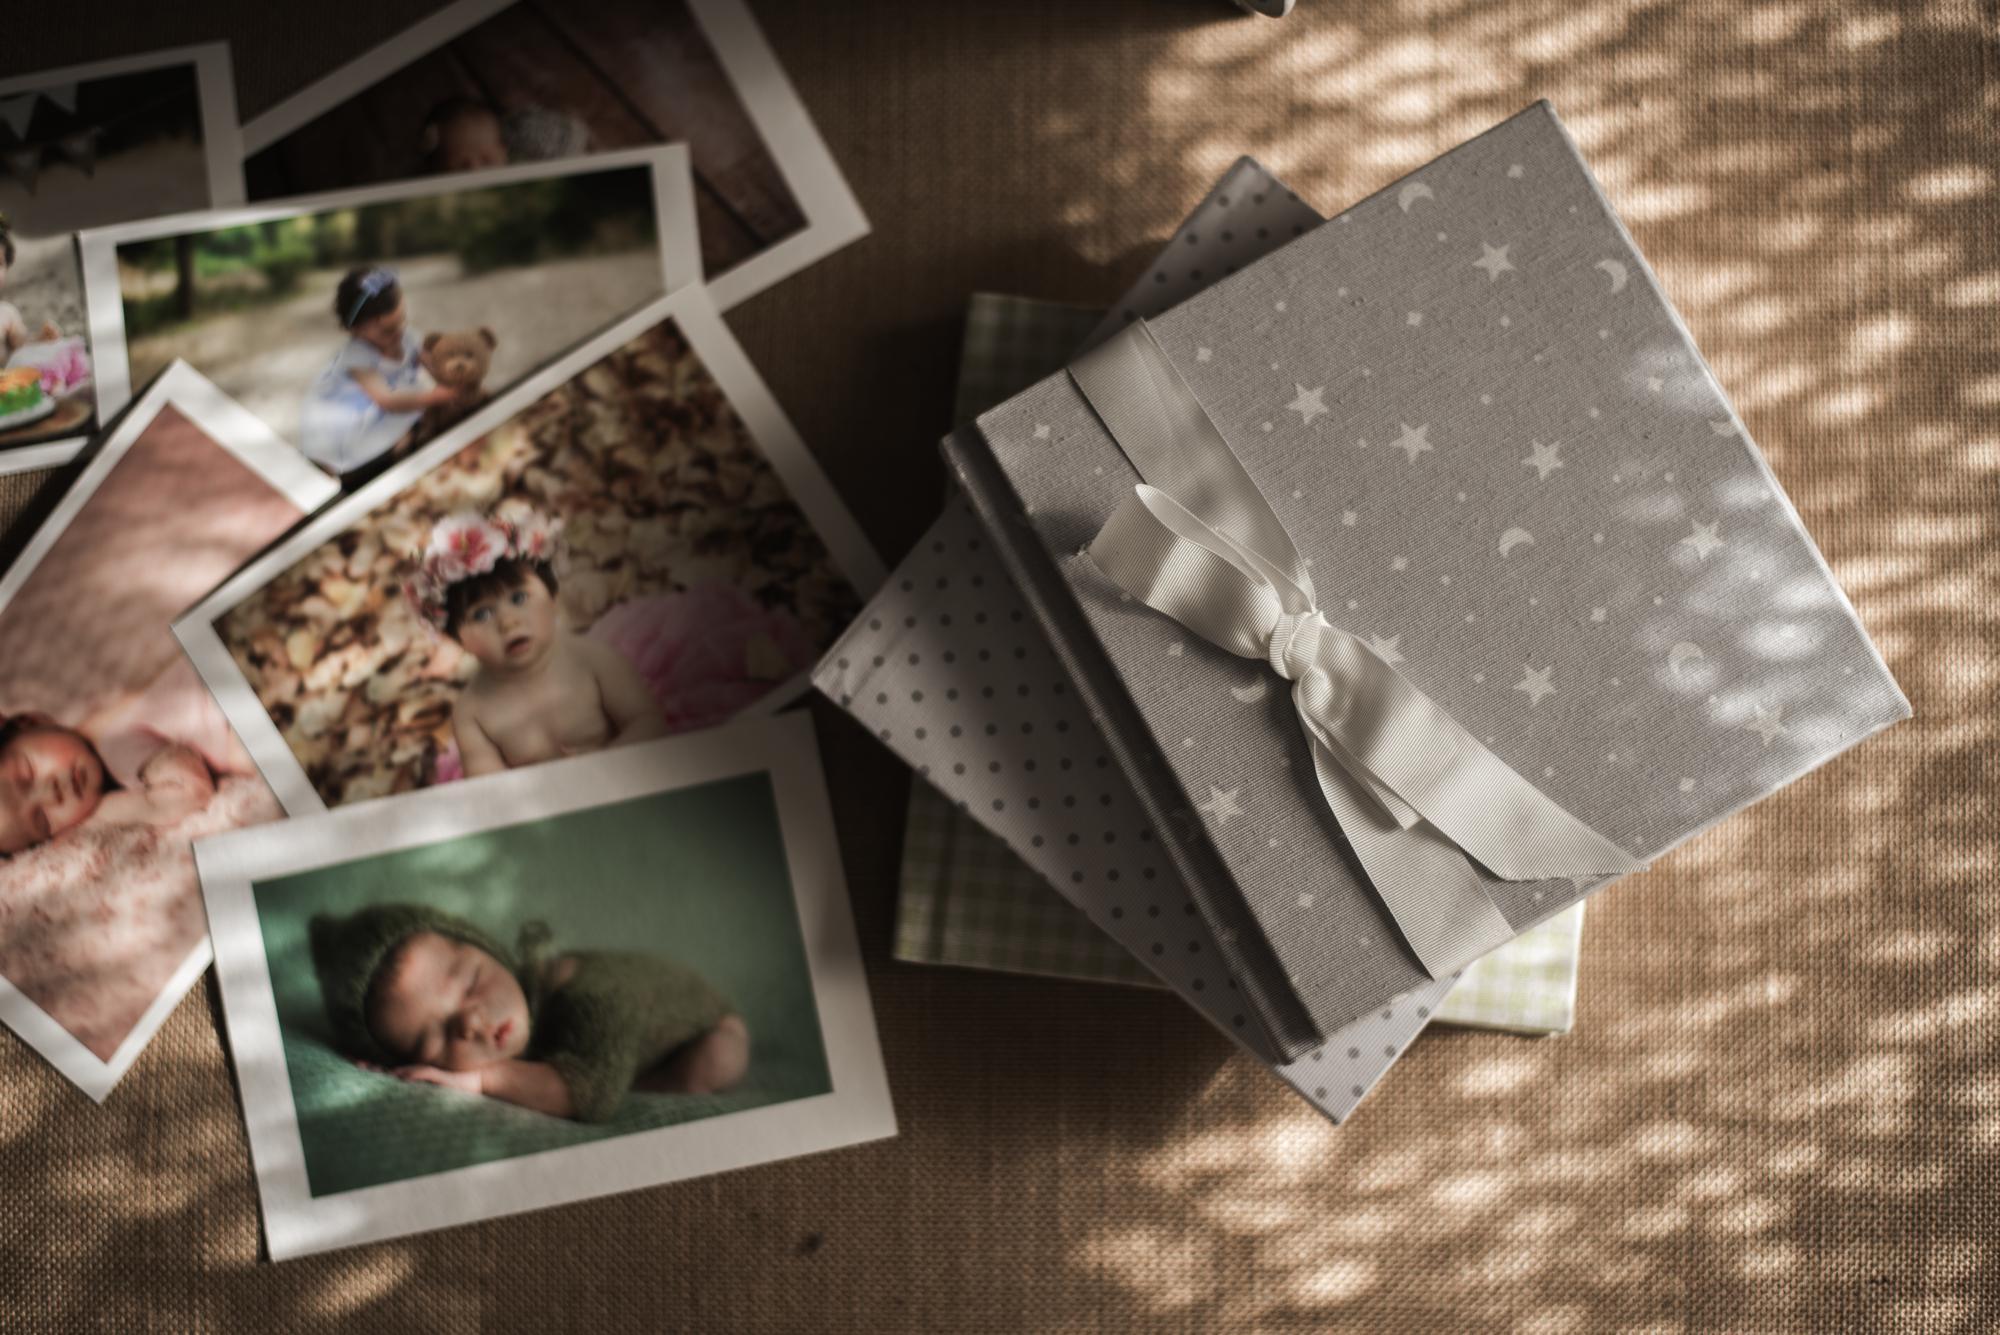 Libros de fotografías para bebés en colores pastel